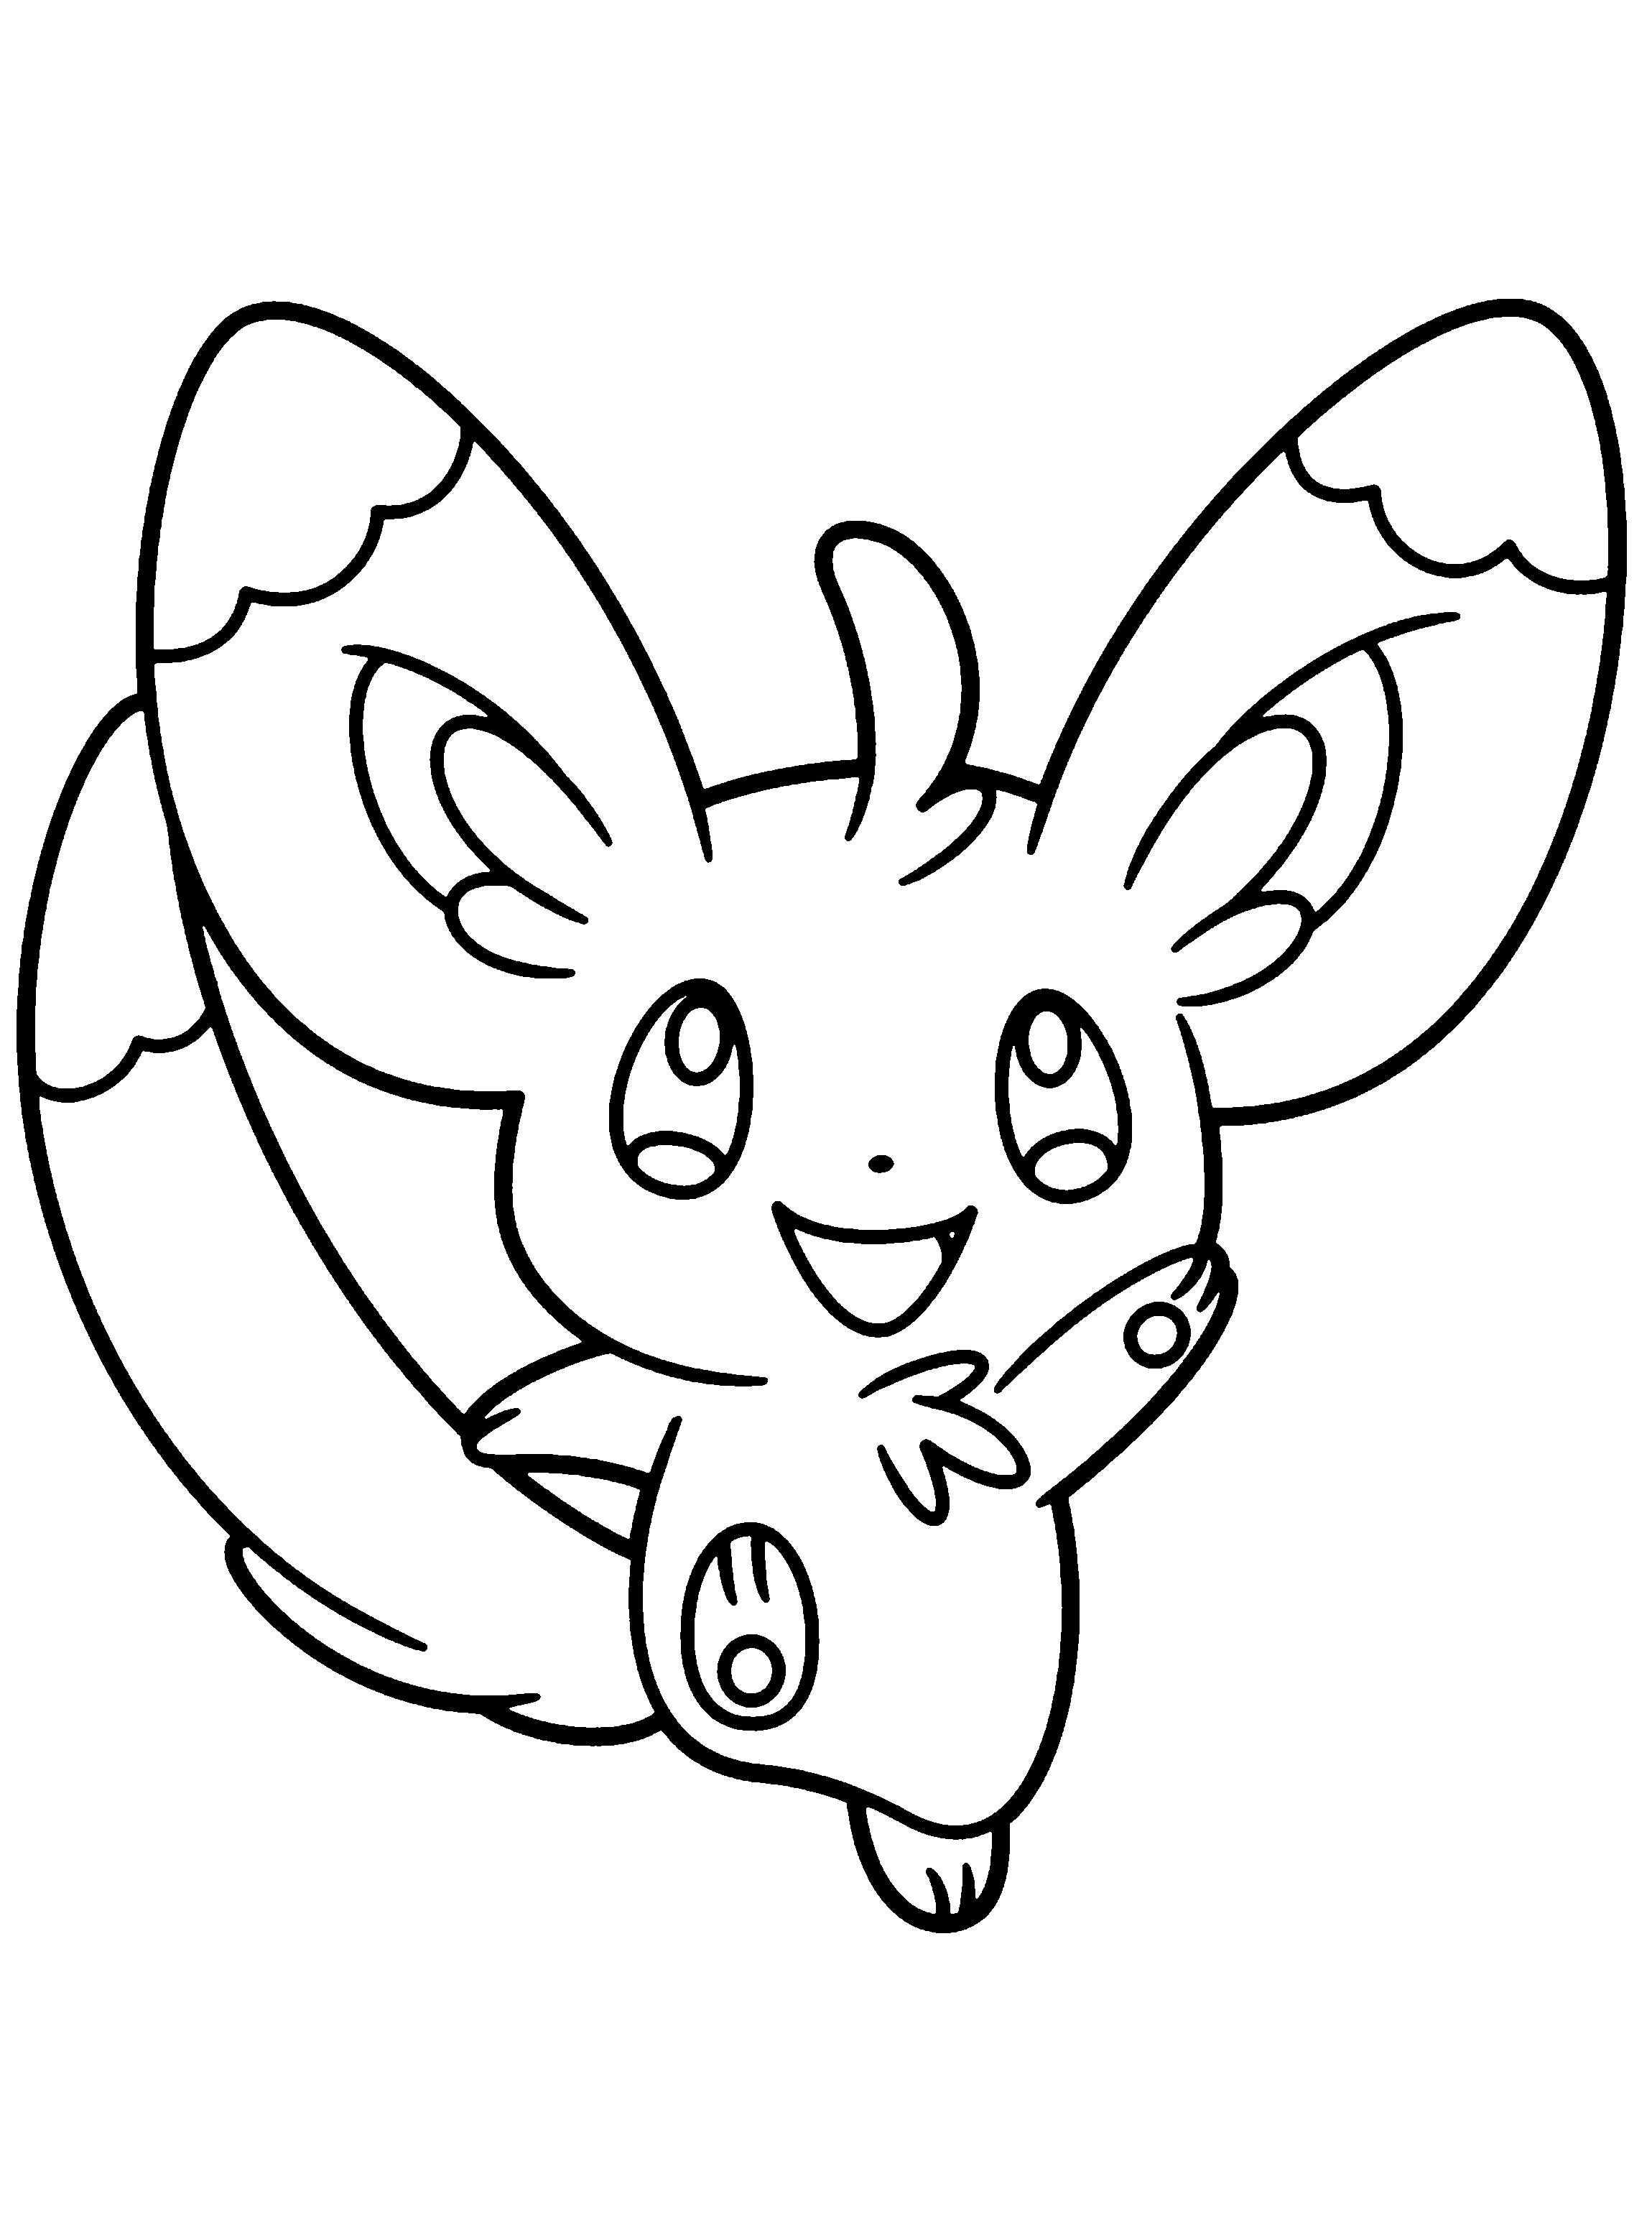 Pokemon Kleurplaten Eevee Evolutions.Eevee Evolutions Kleurplaat Pokemon Kleurplaten On Twitter